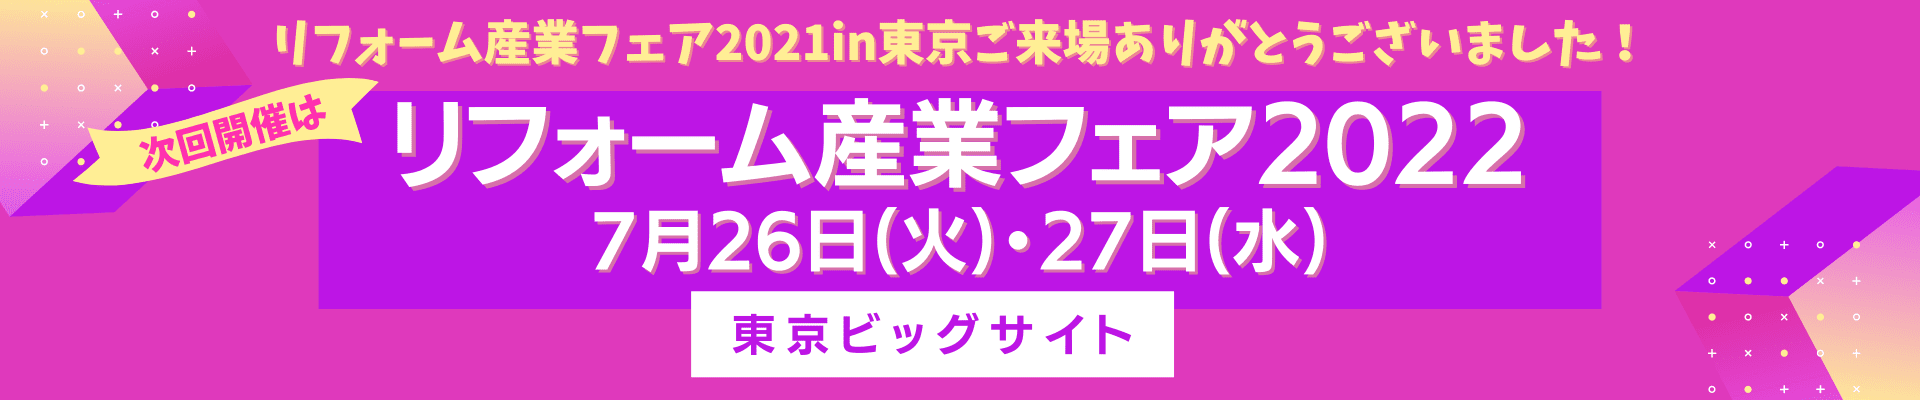 リフォーム産業フェア2022